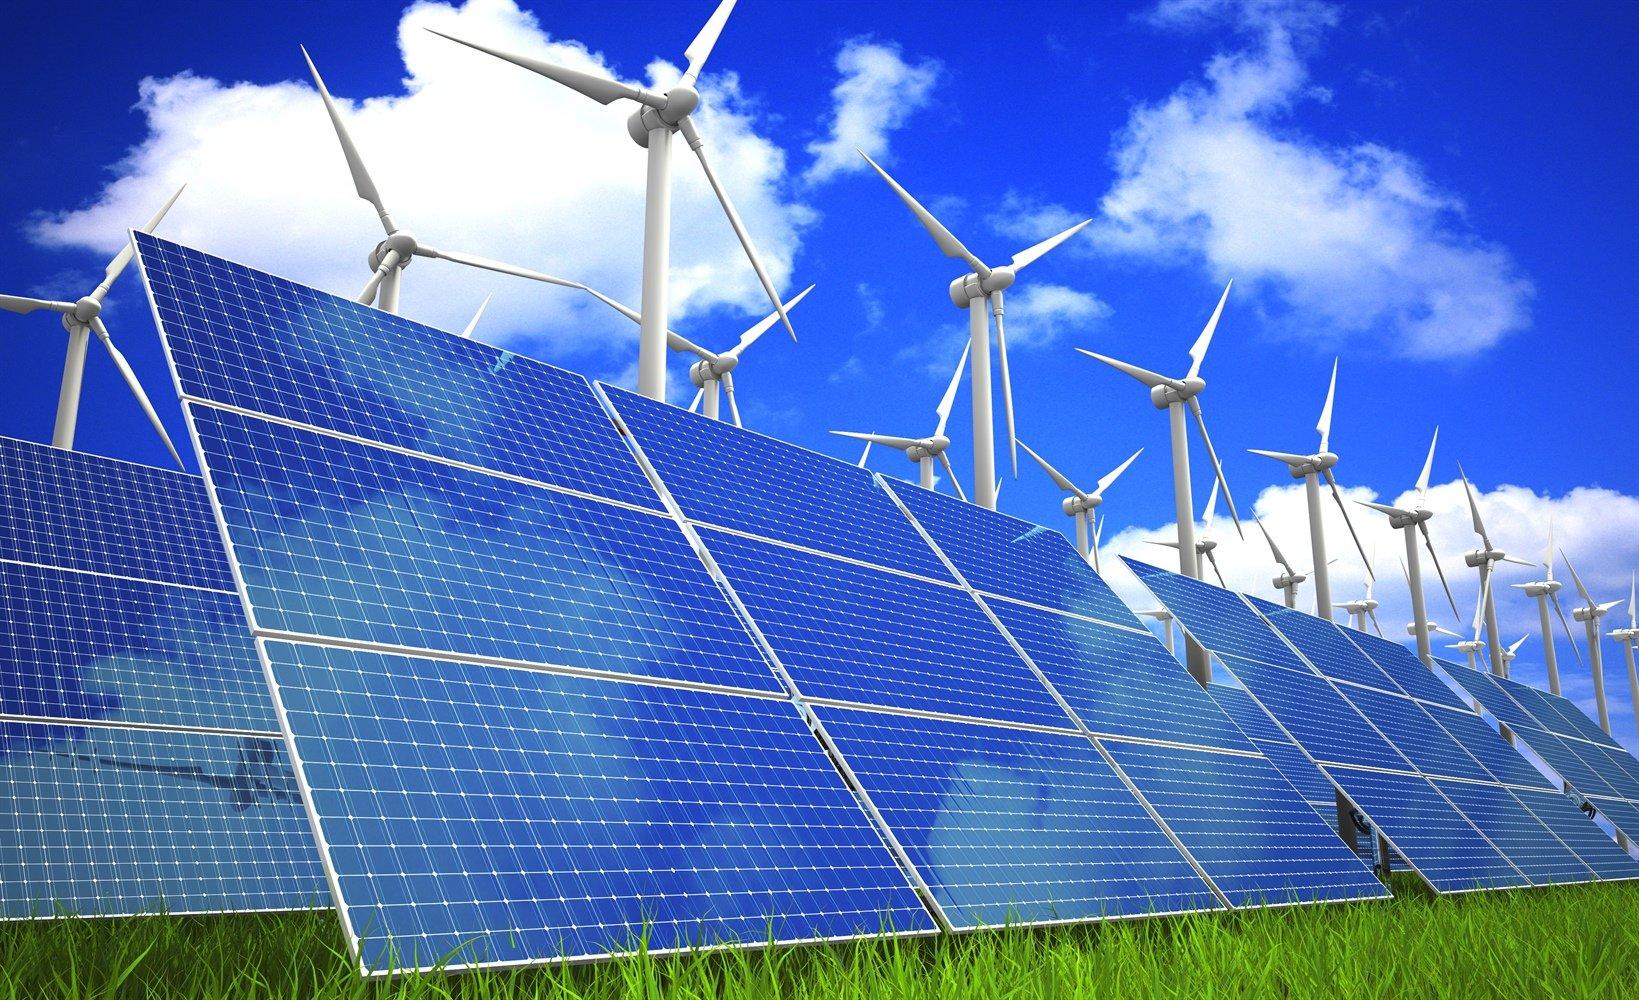 Через 5 років відновлювані джерела енергії забезпечуватимуть 70% електроенергії - ООН, електроенергія - 29 ystochnyk